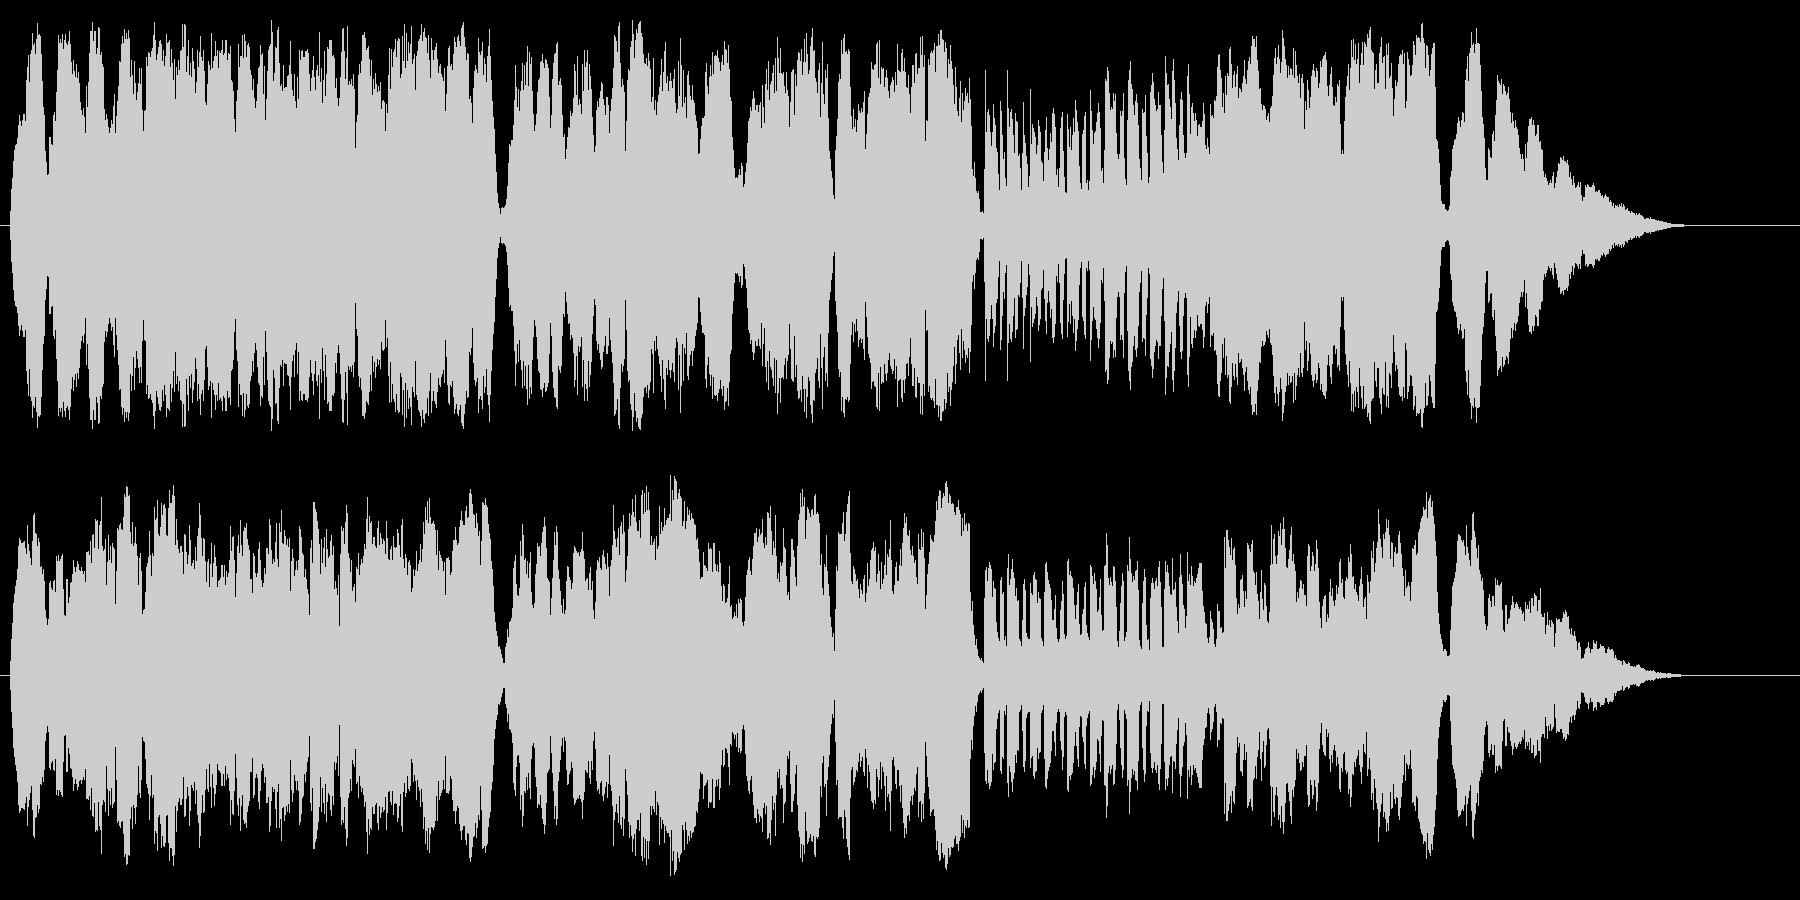 フルート+ストリングス曲_001フルー…の未再生の波形